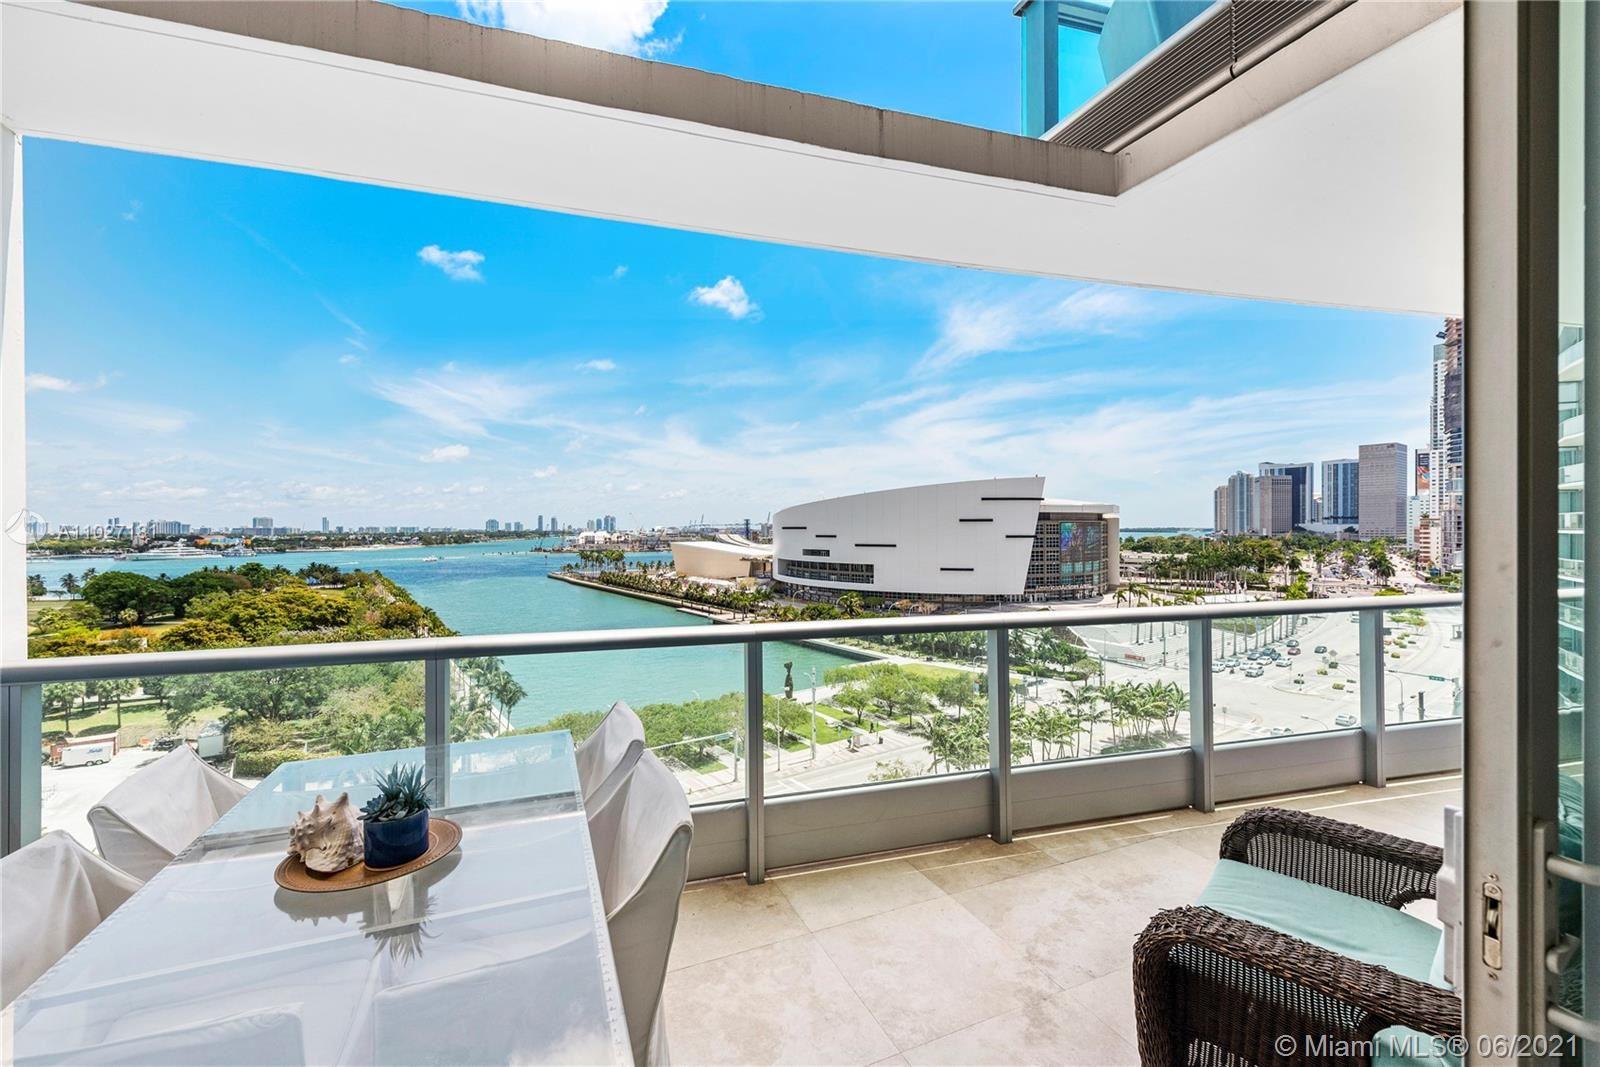 900 Biscayne Blvd #1103, Miami, FL 33132 - #: A11027181